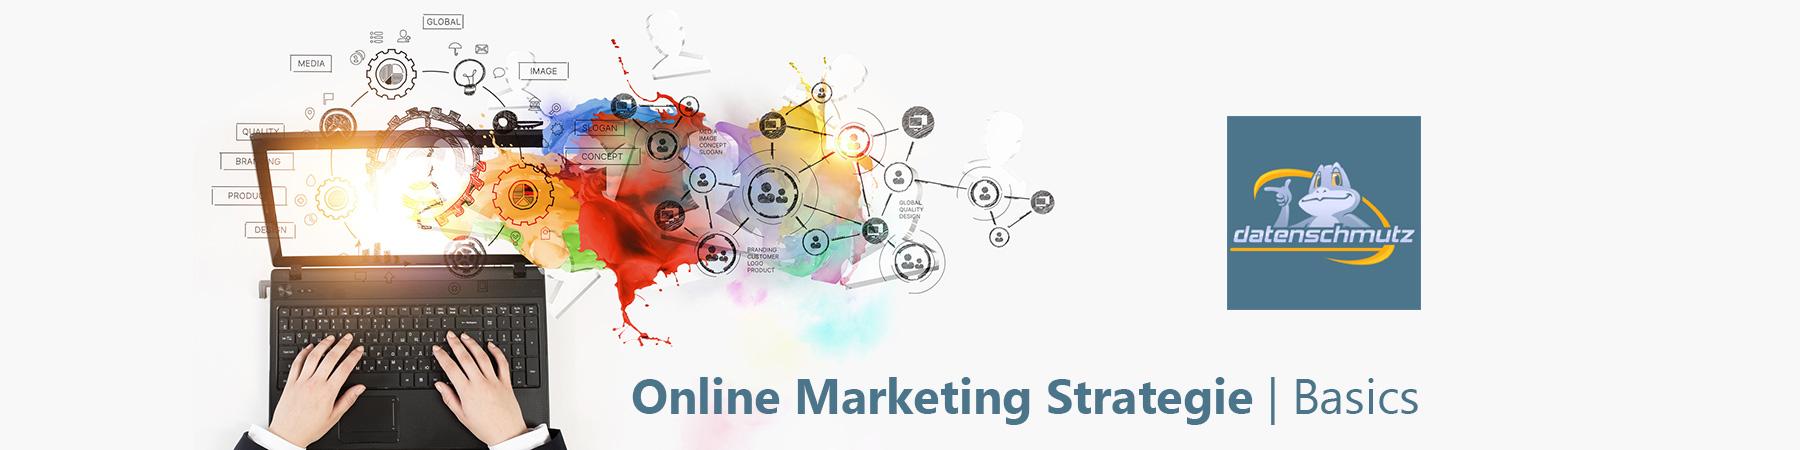 Die Grundlagen der Online Werbung: Banner, Clicks und Conversions